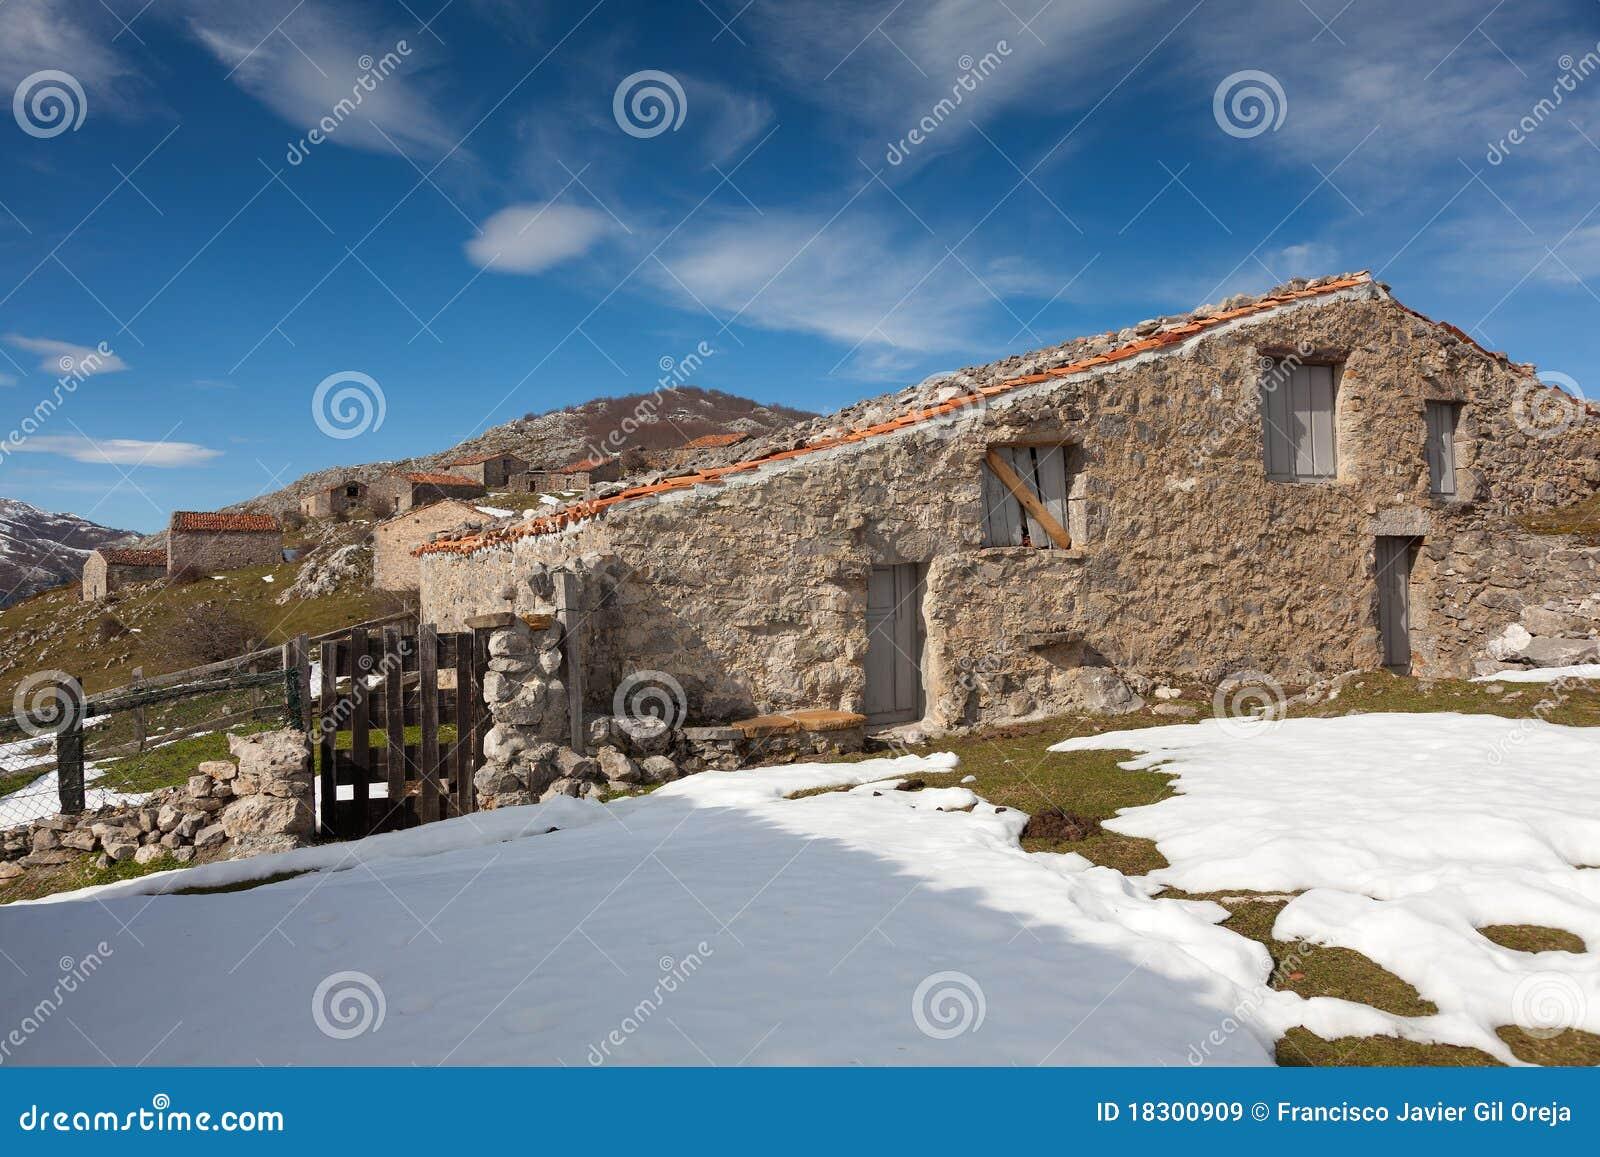 casas de campo em picos de europa imagem de stock imagem On casas picos de europa